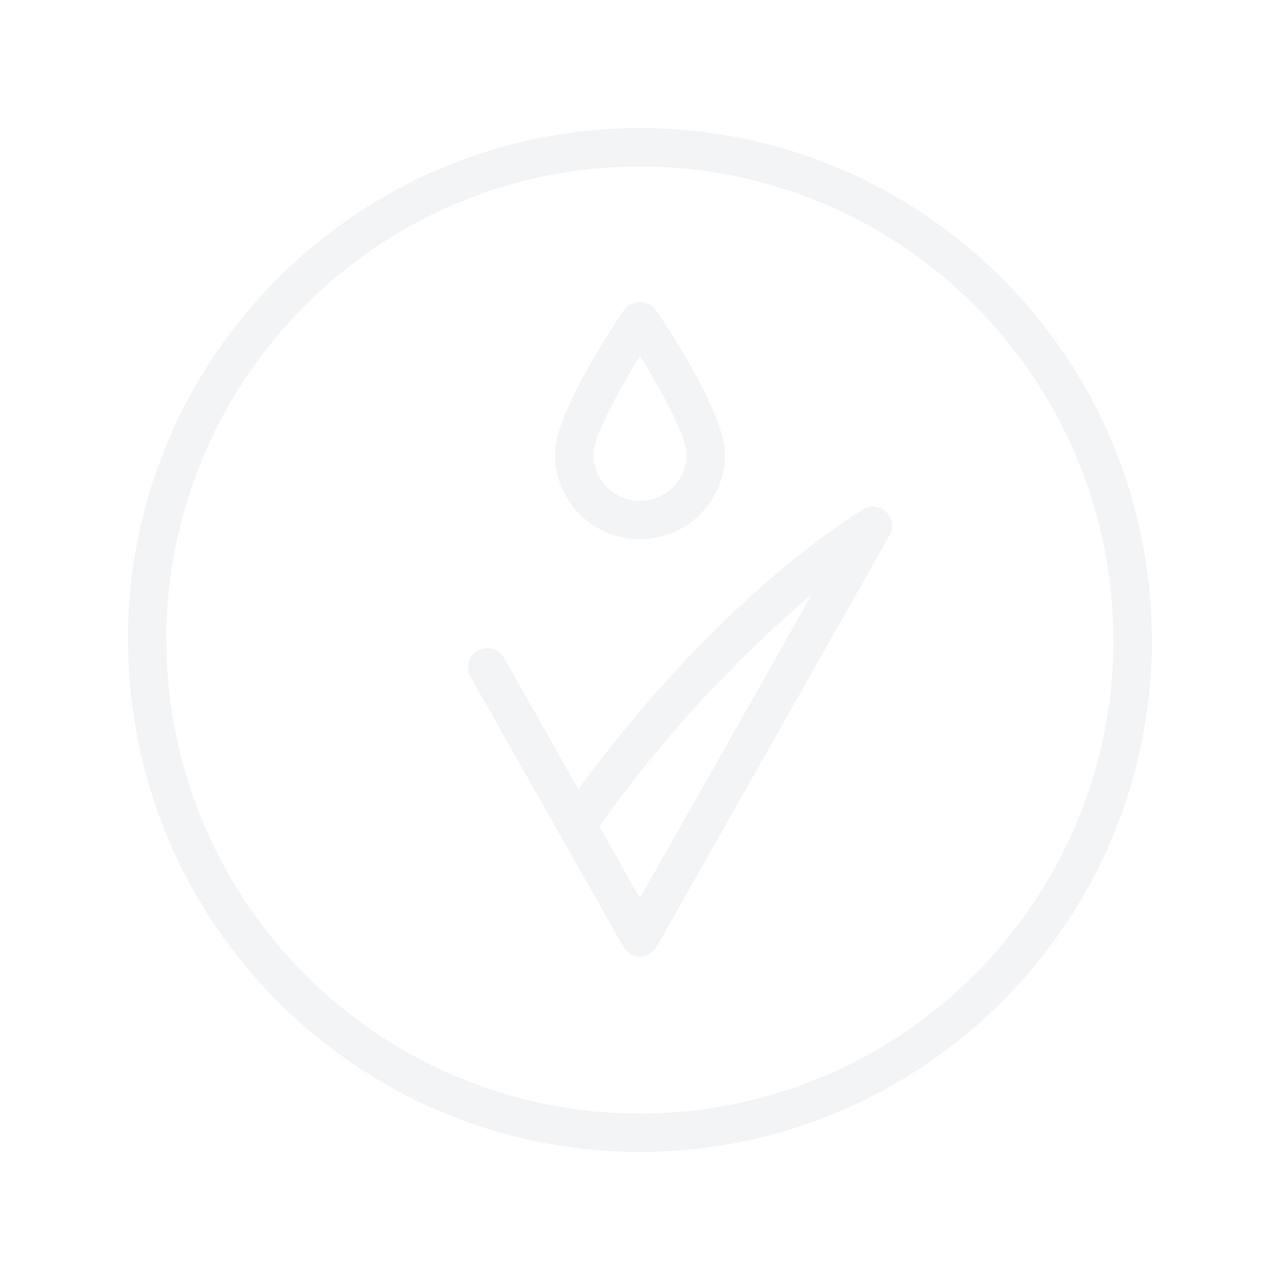 PALMER'S Coconut Oil Body Cream 125g